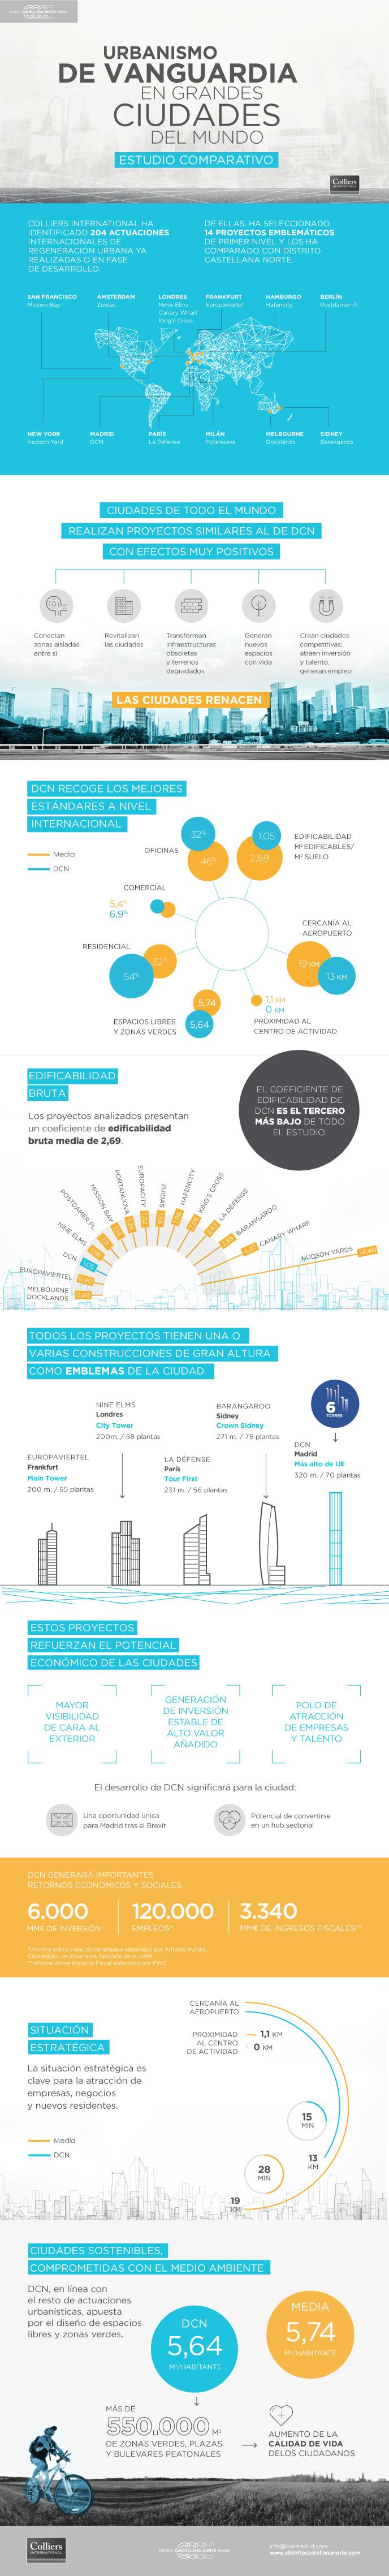 Urbanismo de vanguardia en las Grandes Ciudades